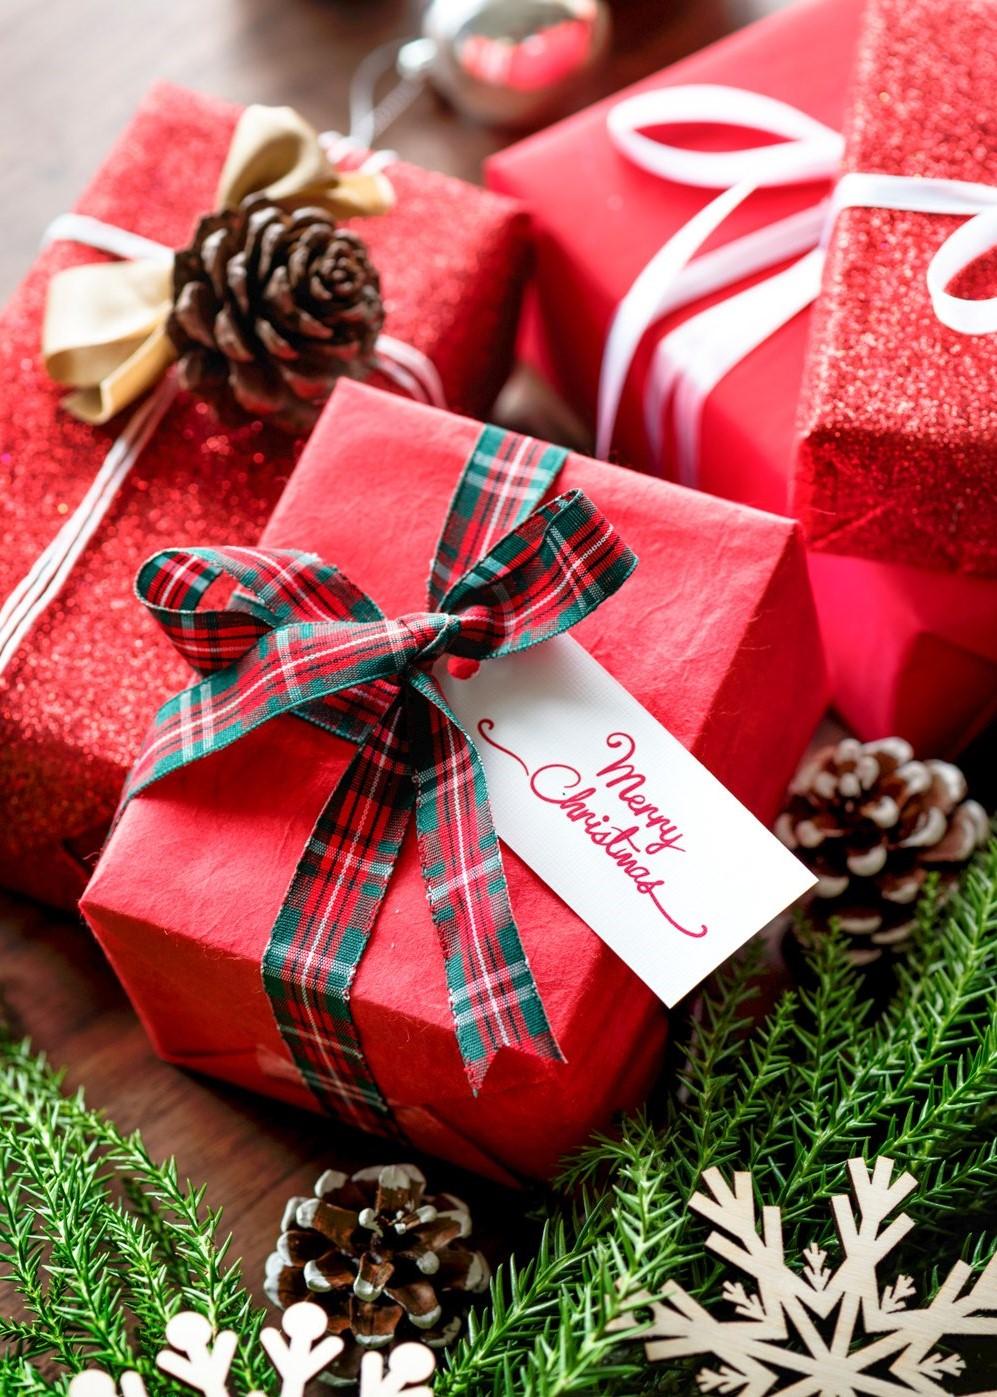 Choisissez un beau ruban à carreaux pour vos cadeaux.